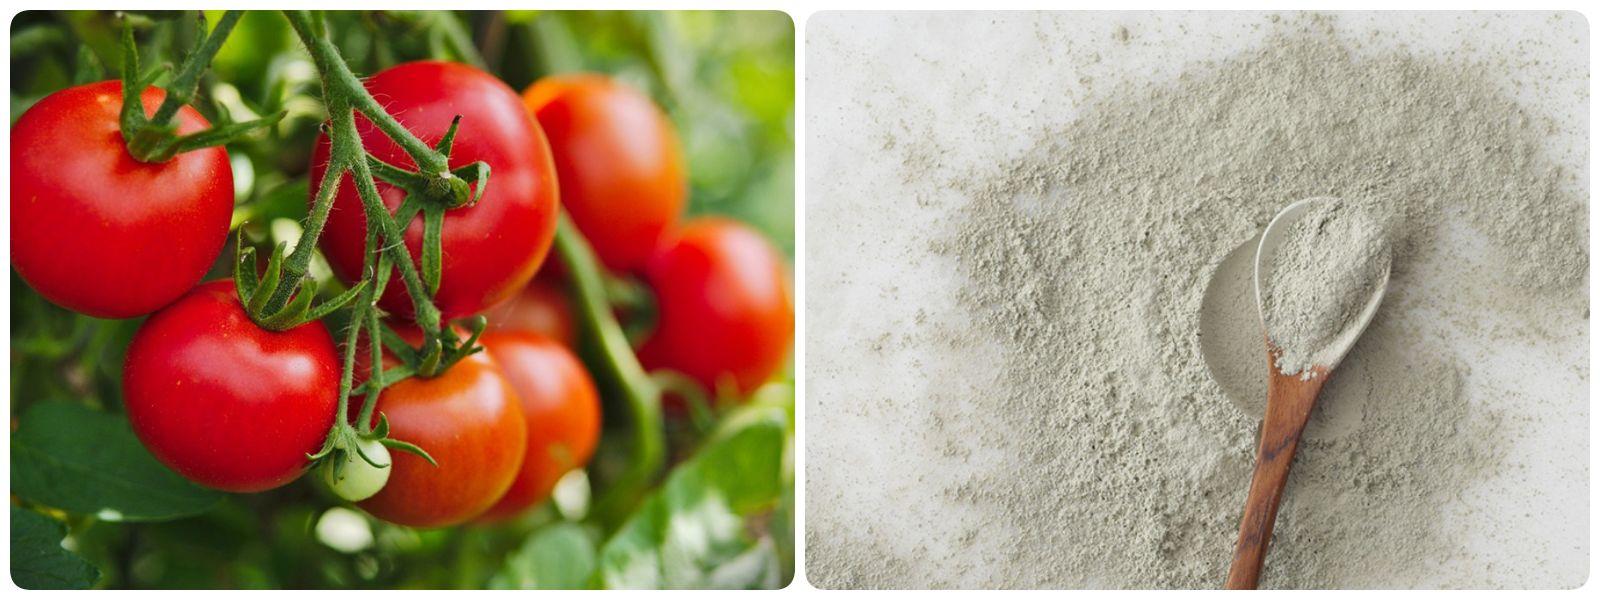 Trị mụn bằng cà chua và bột đất sét